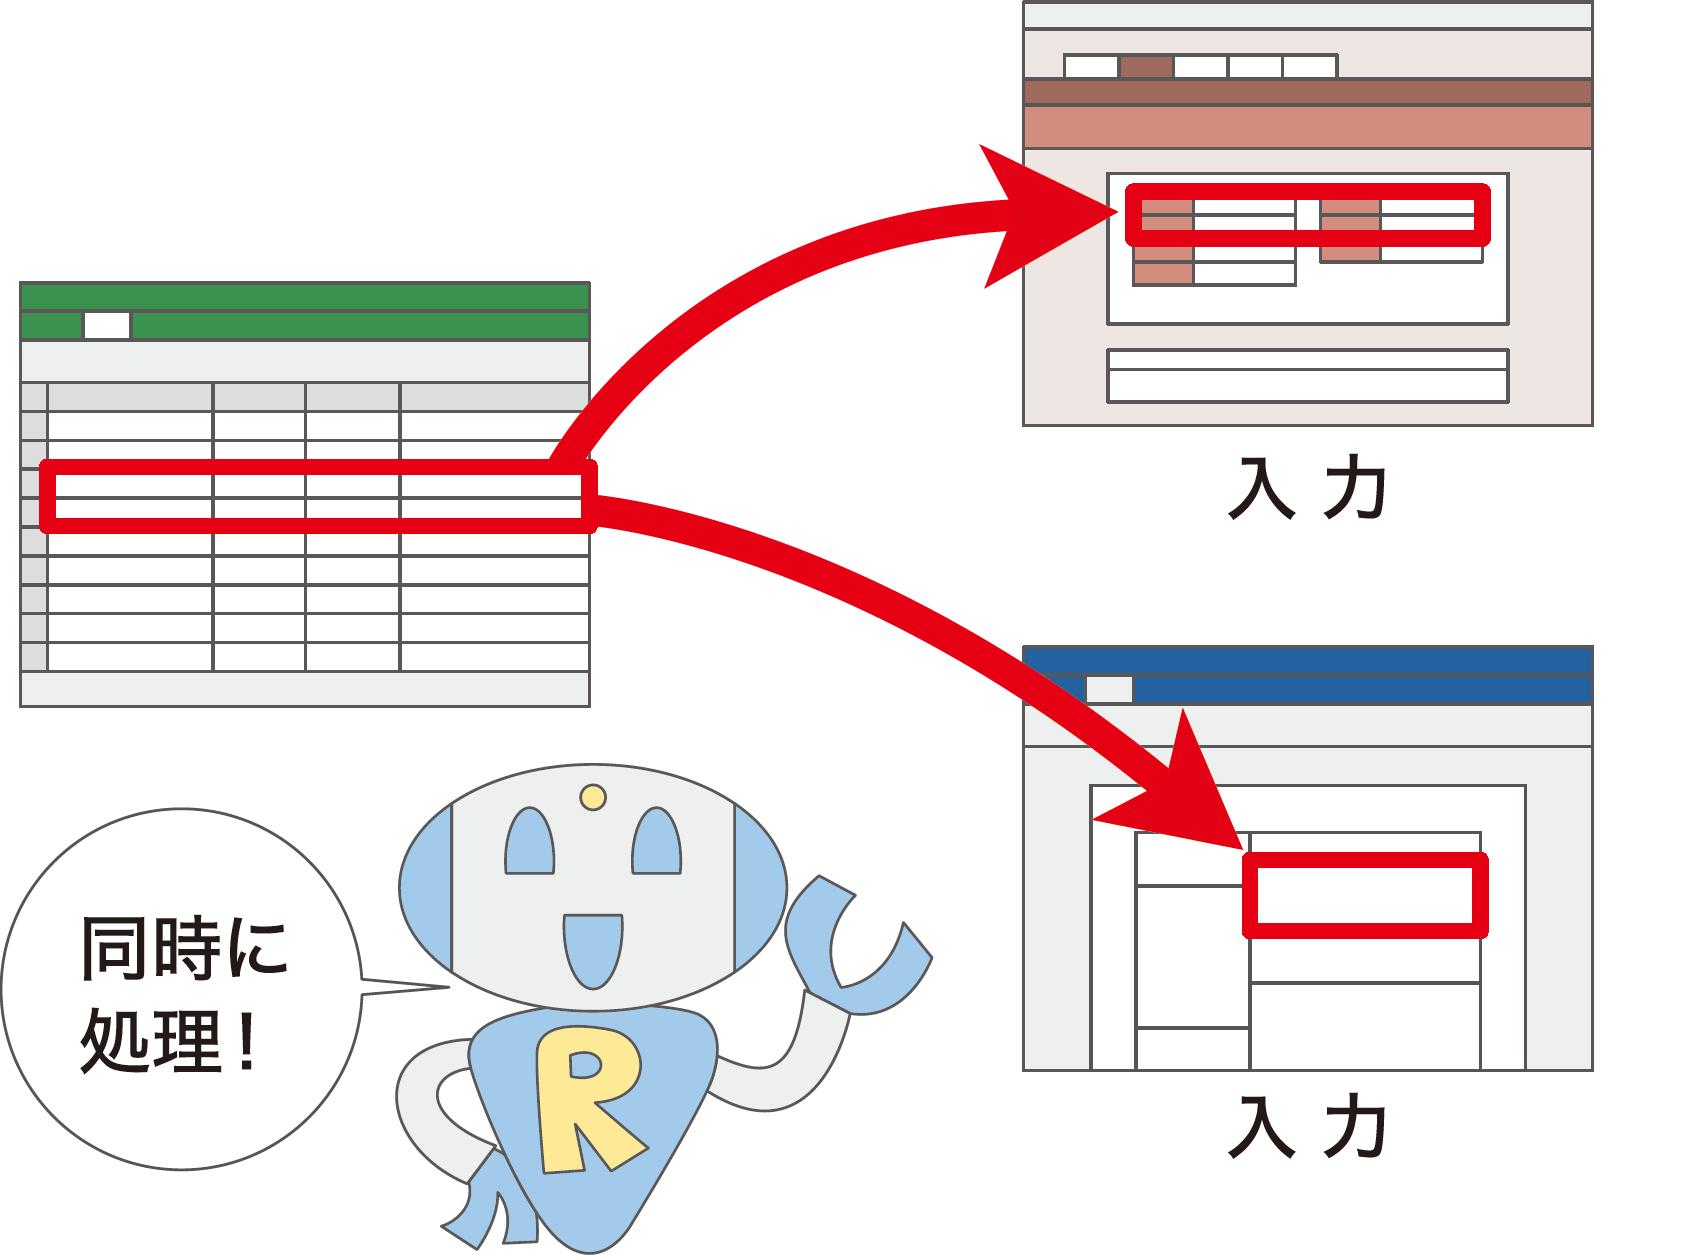 RPAとは(RPAの概要) - できるUiPath